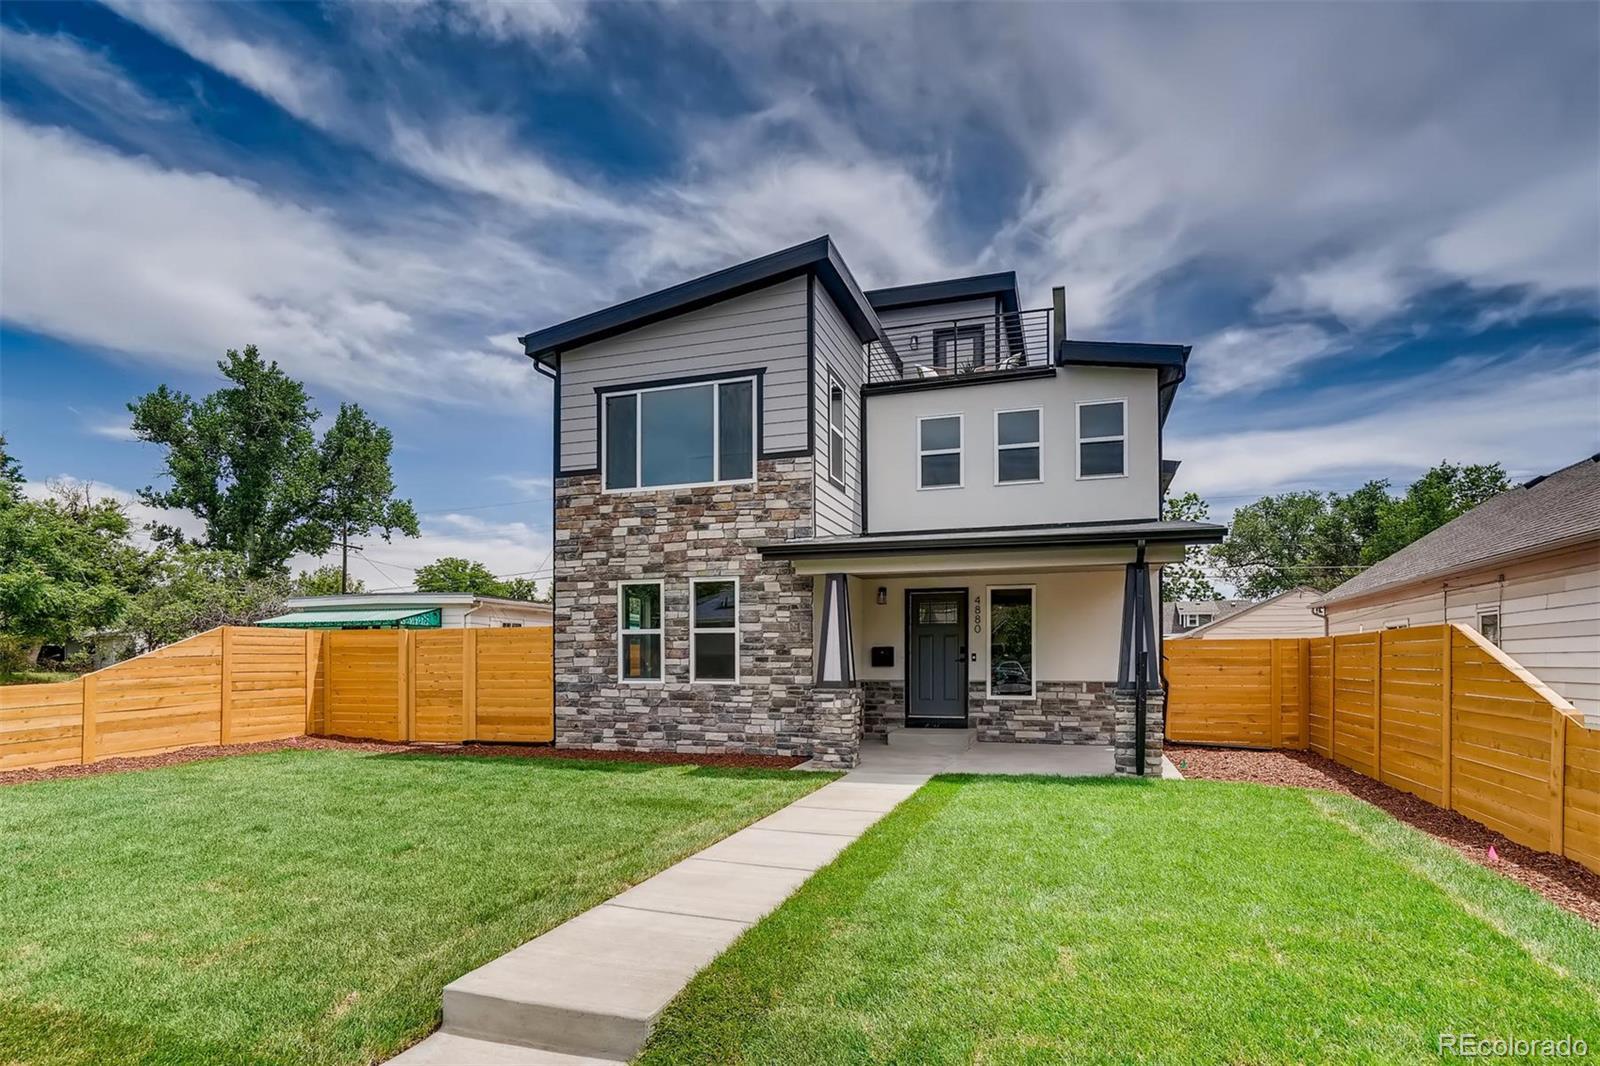 MLS# 7587059 - 2 - 4880 N Hooker Street, Denver, CO 80221